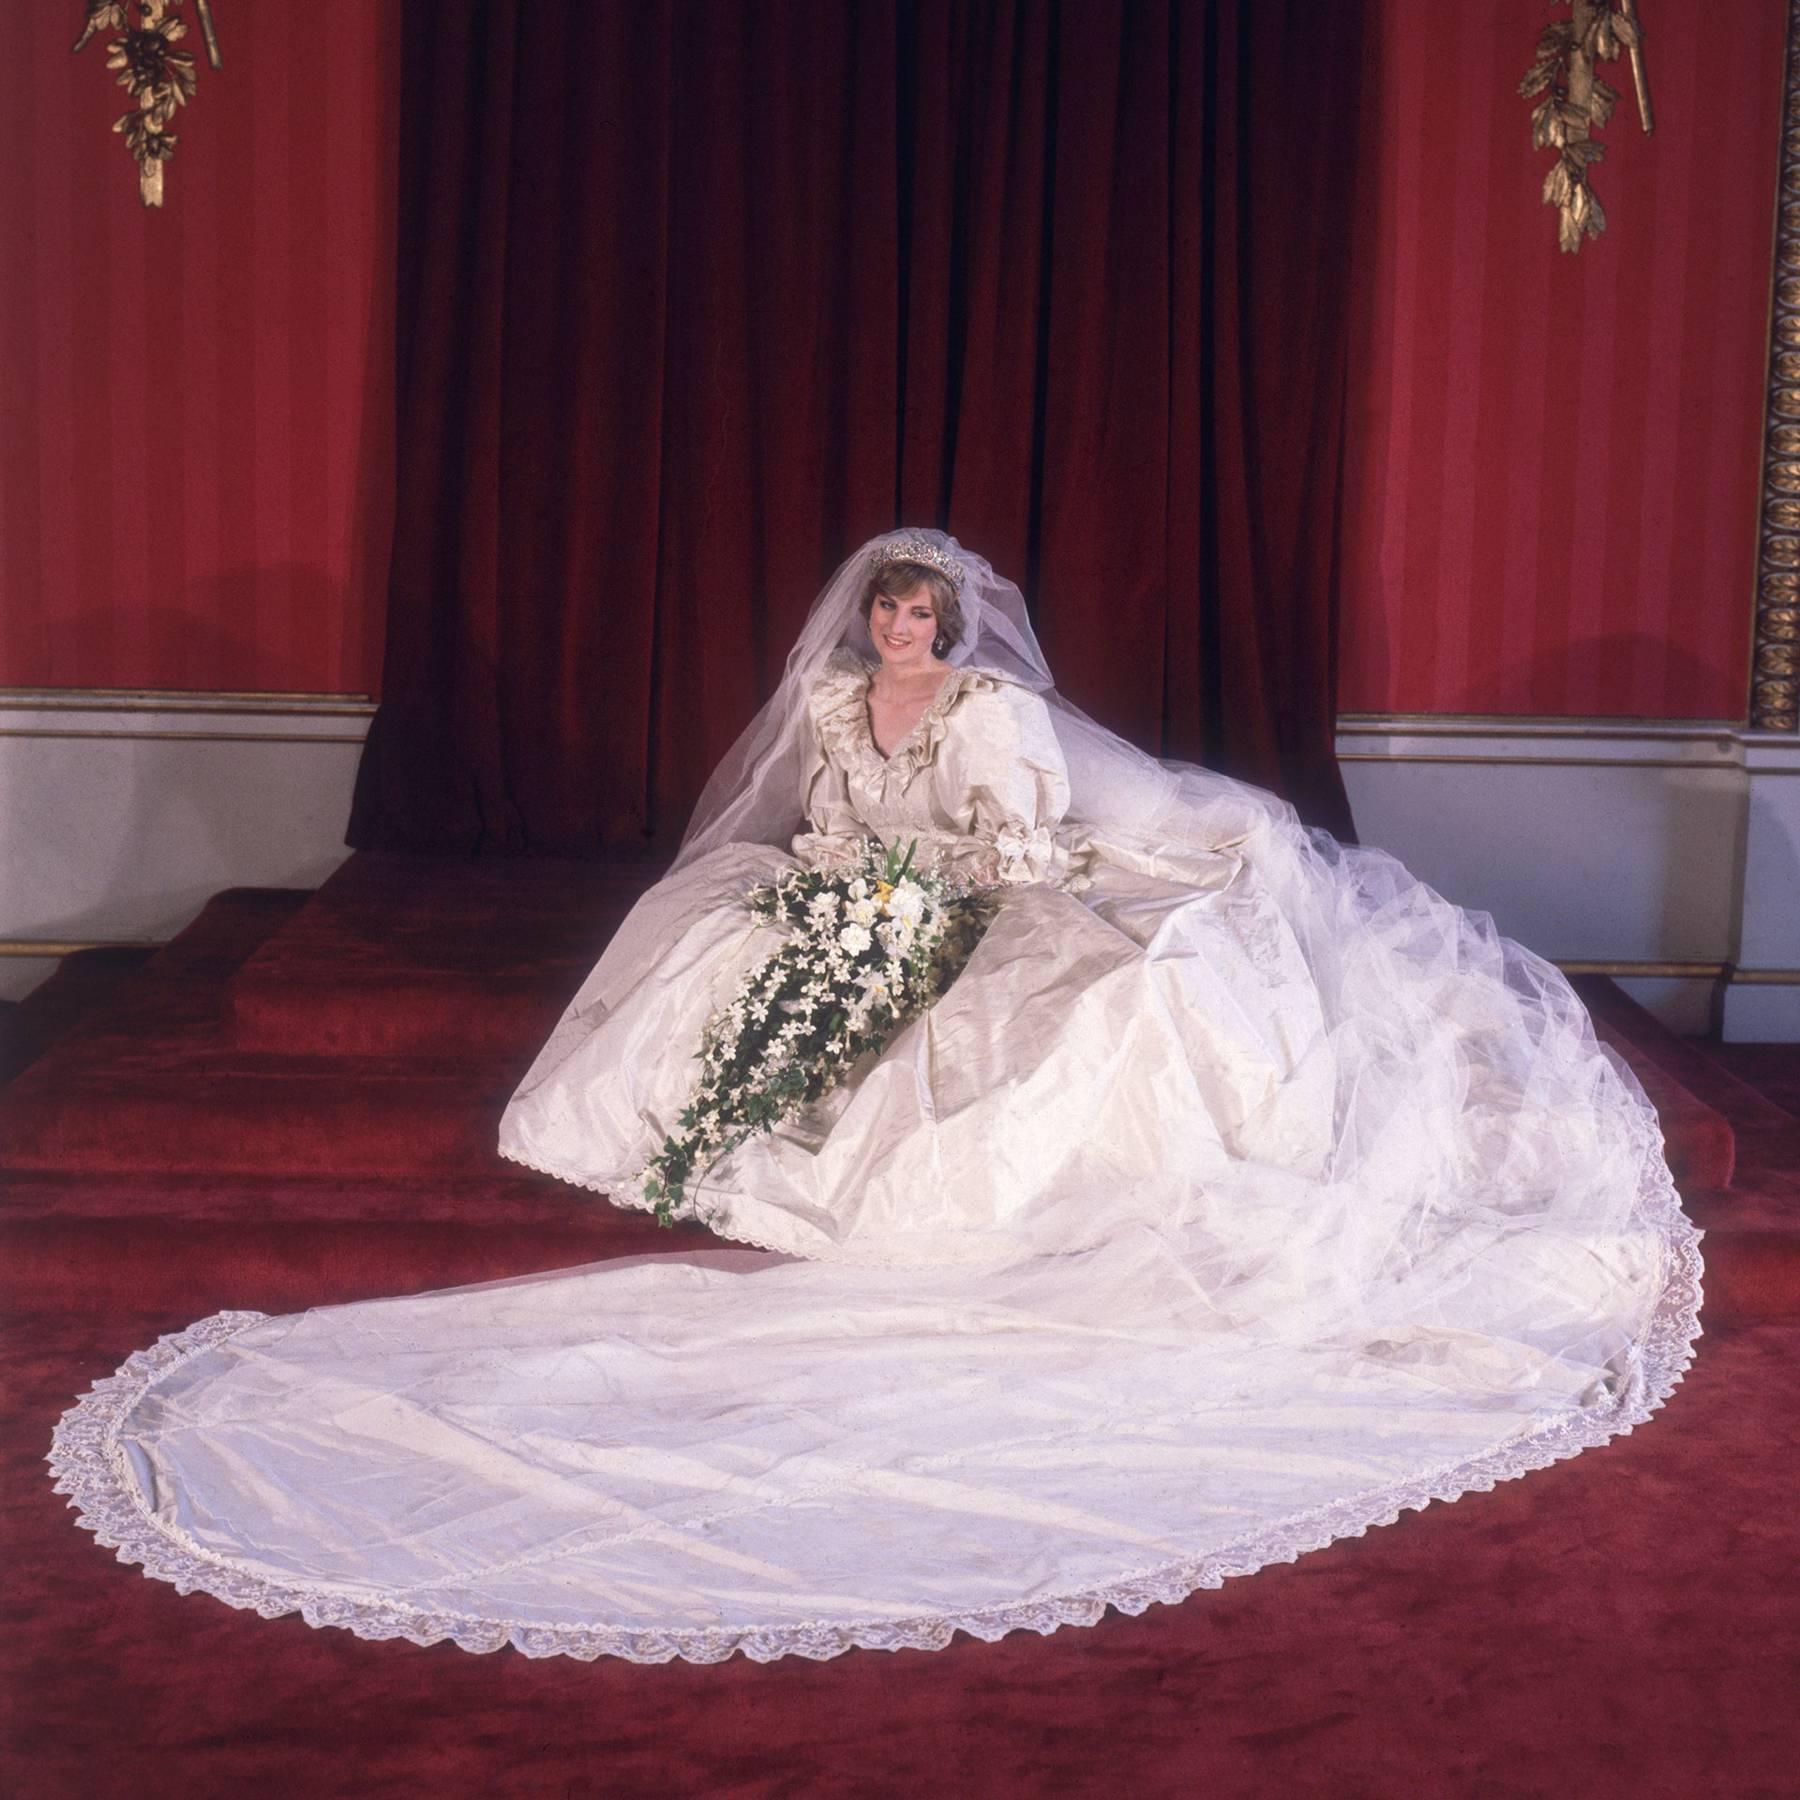 váy cưới công nương diana